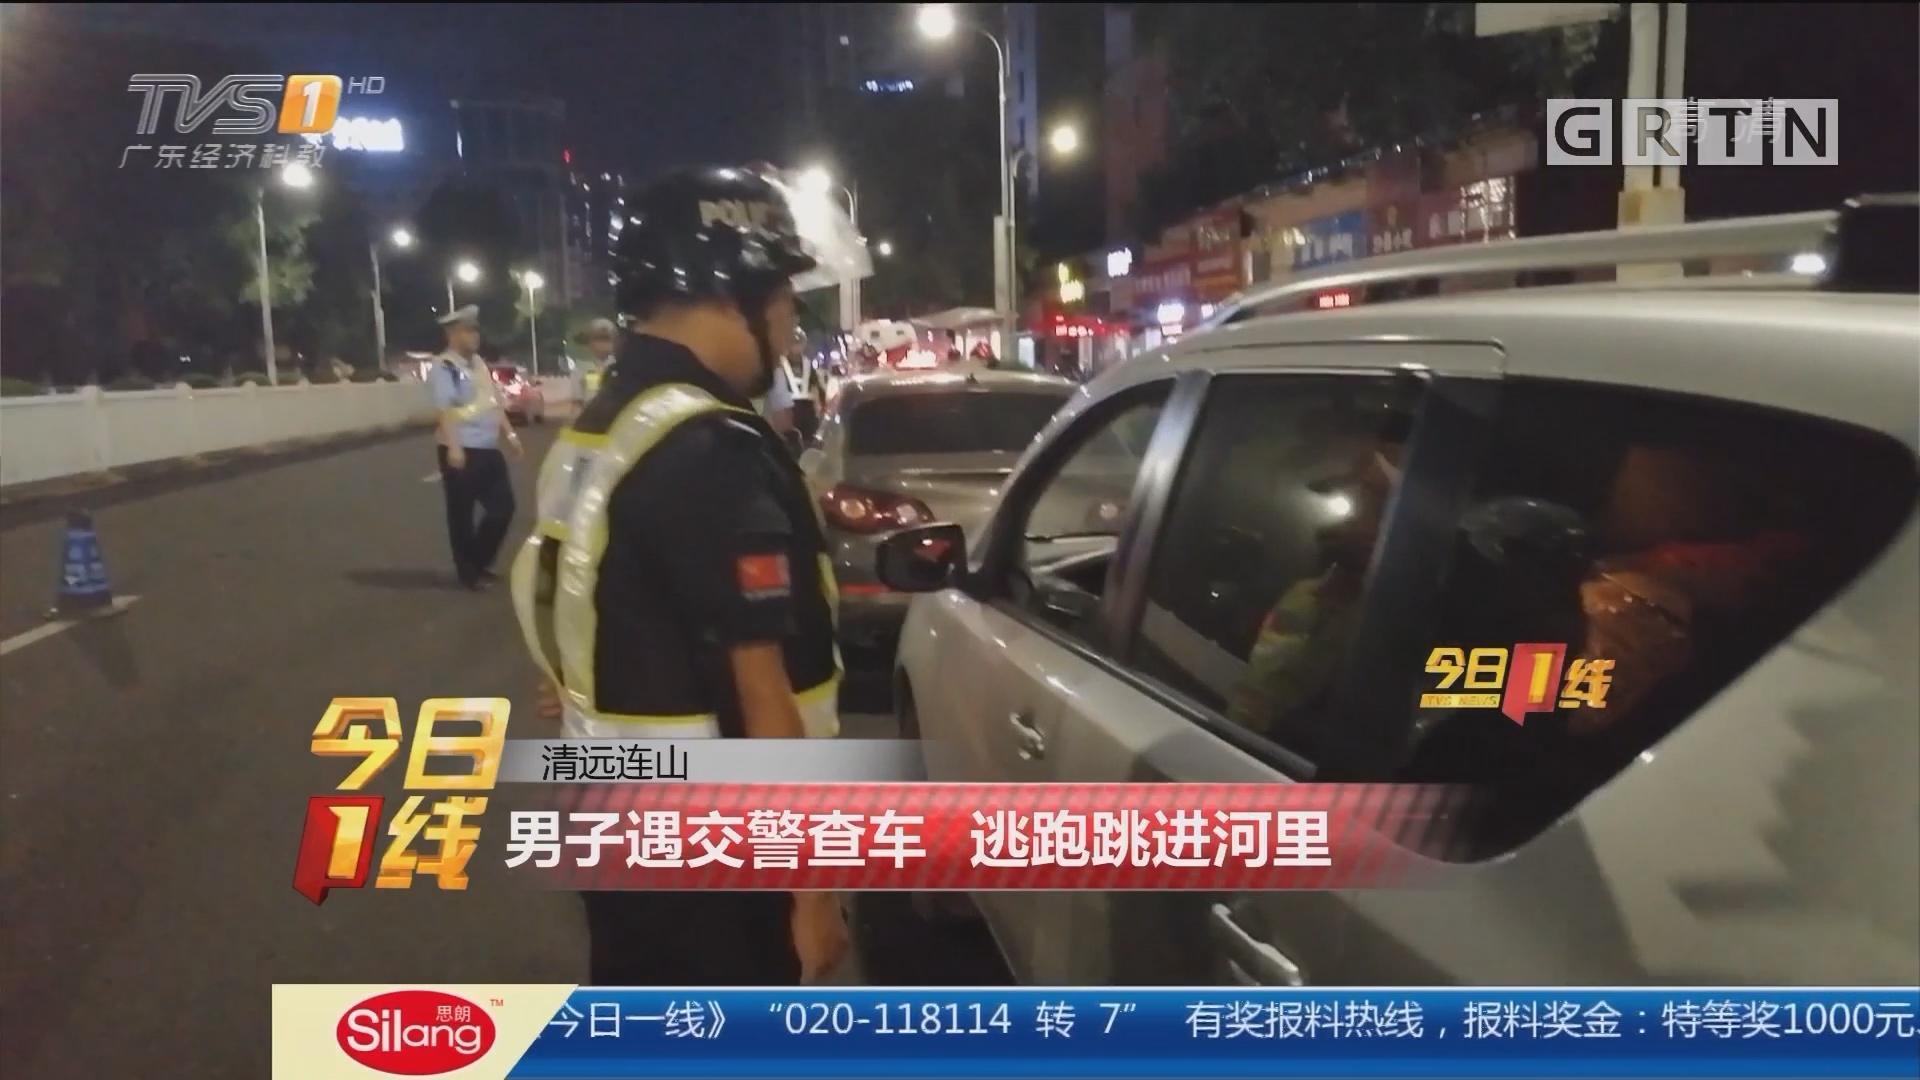 清远连山:男子遇交警查车 逃跑跳进河里